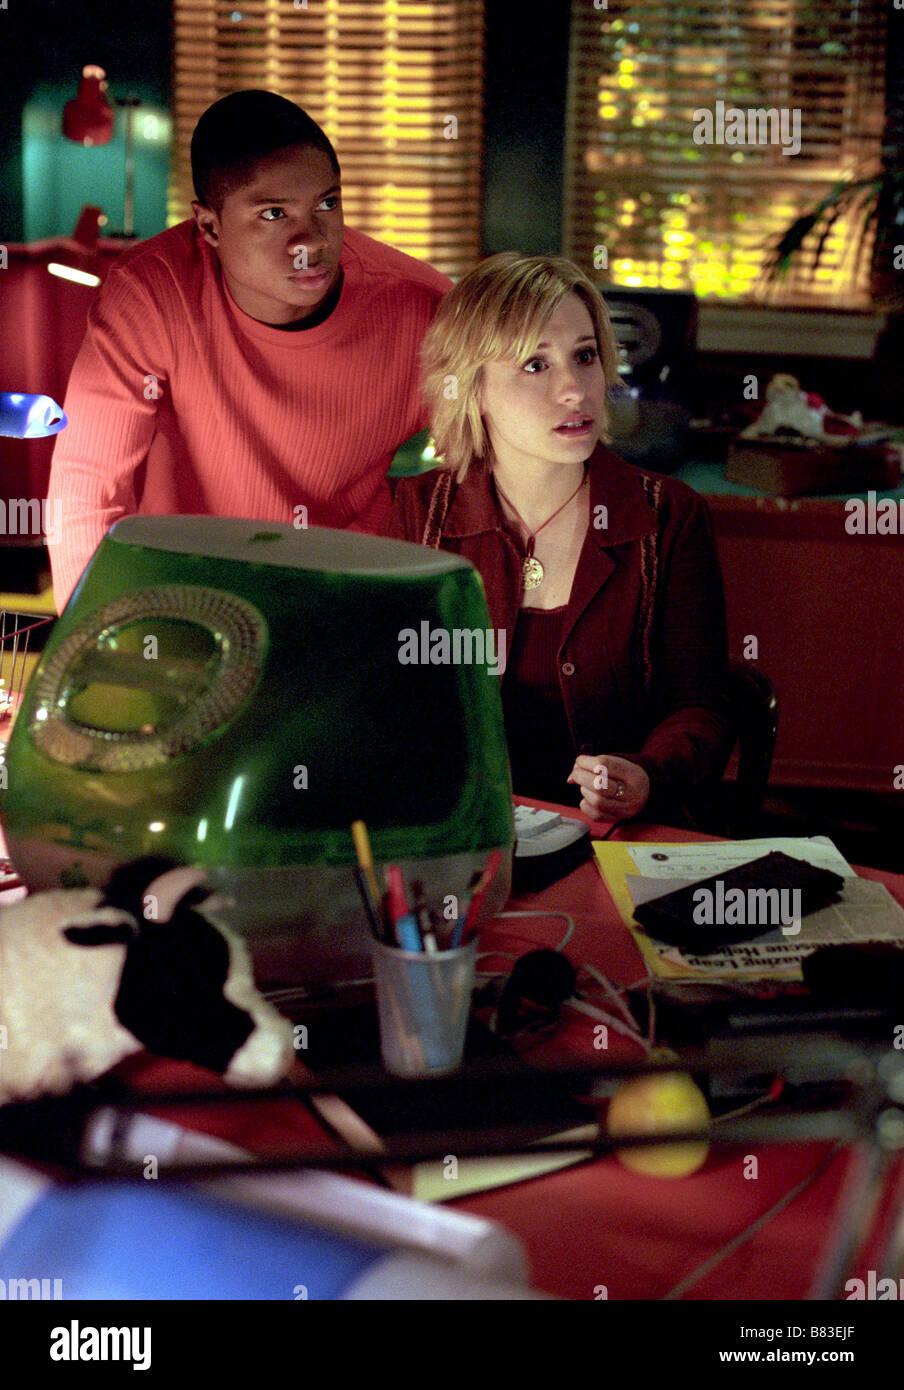 Smallville TV Series 2001 - 2011 USA 2002 Season 1, Episode